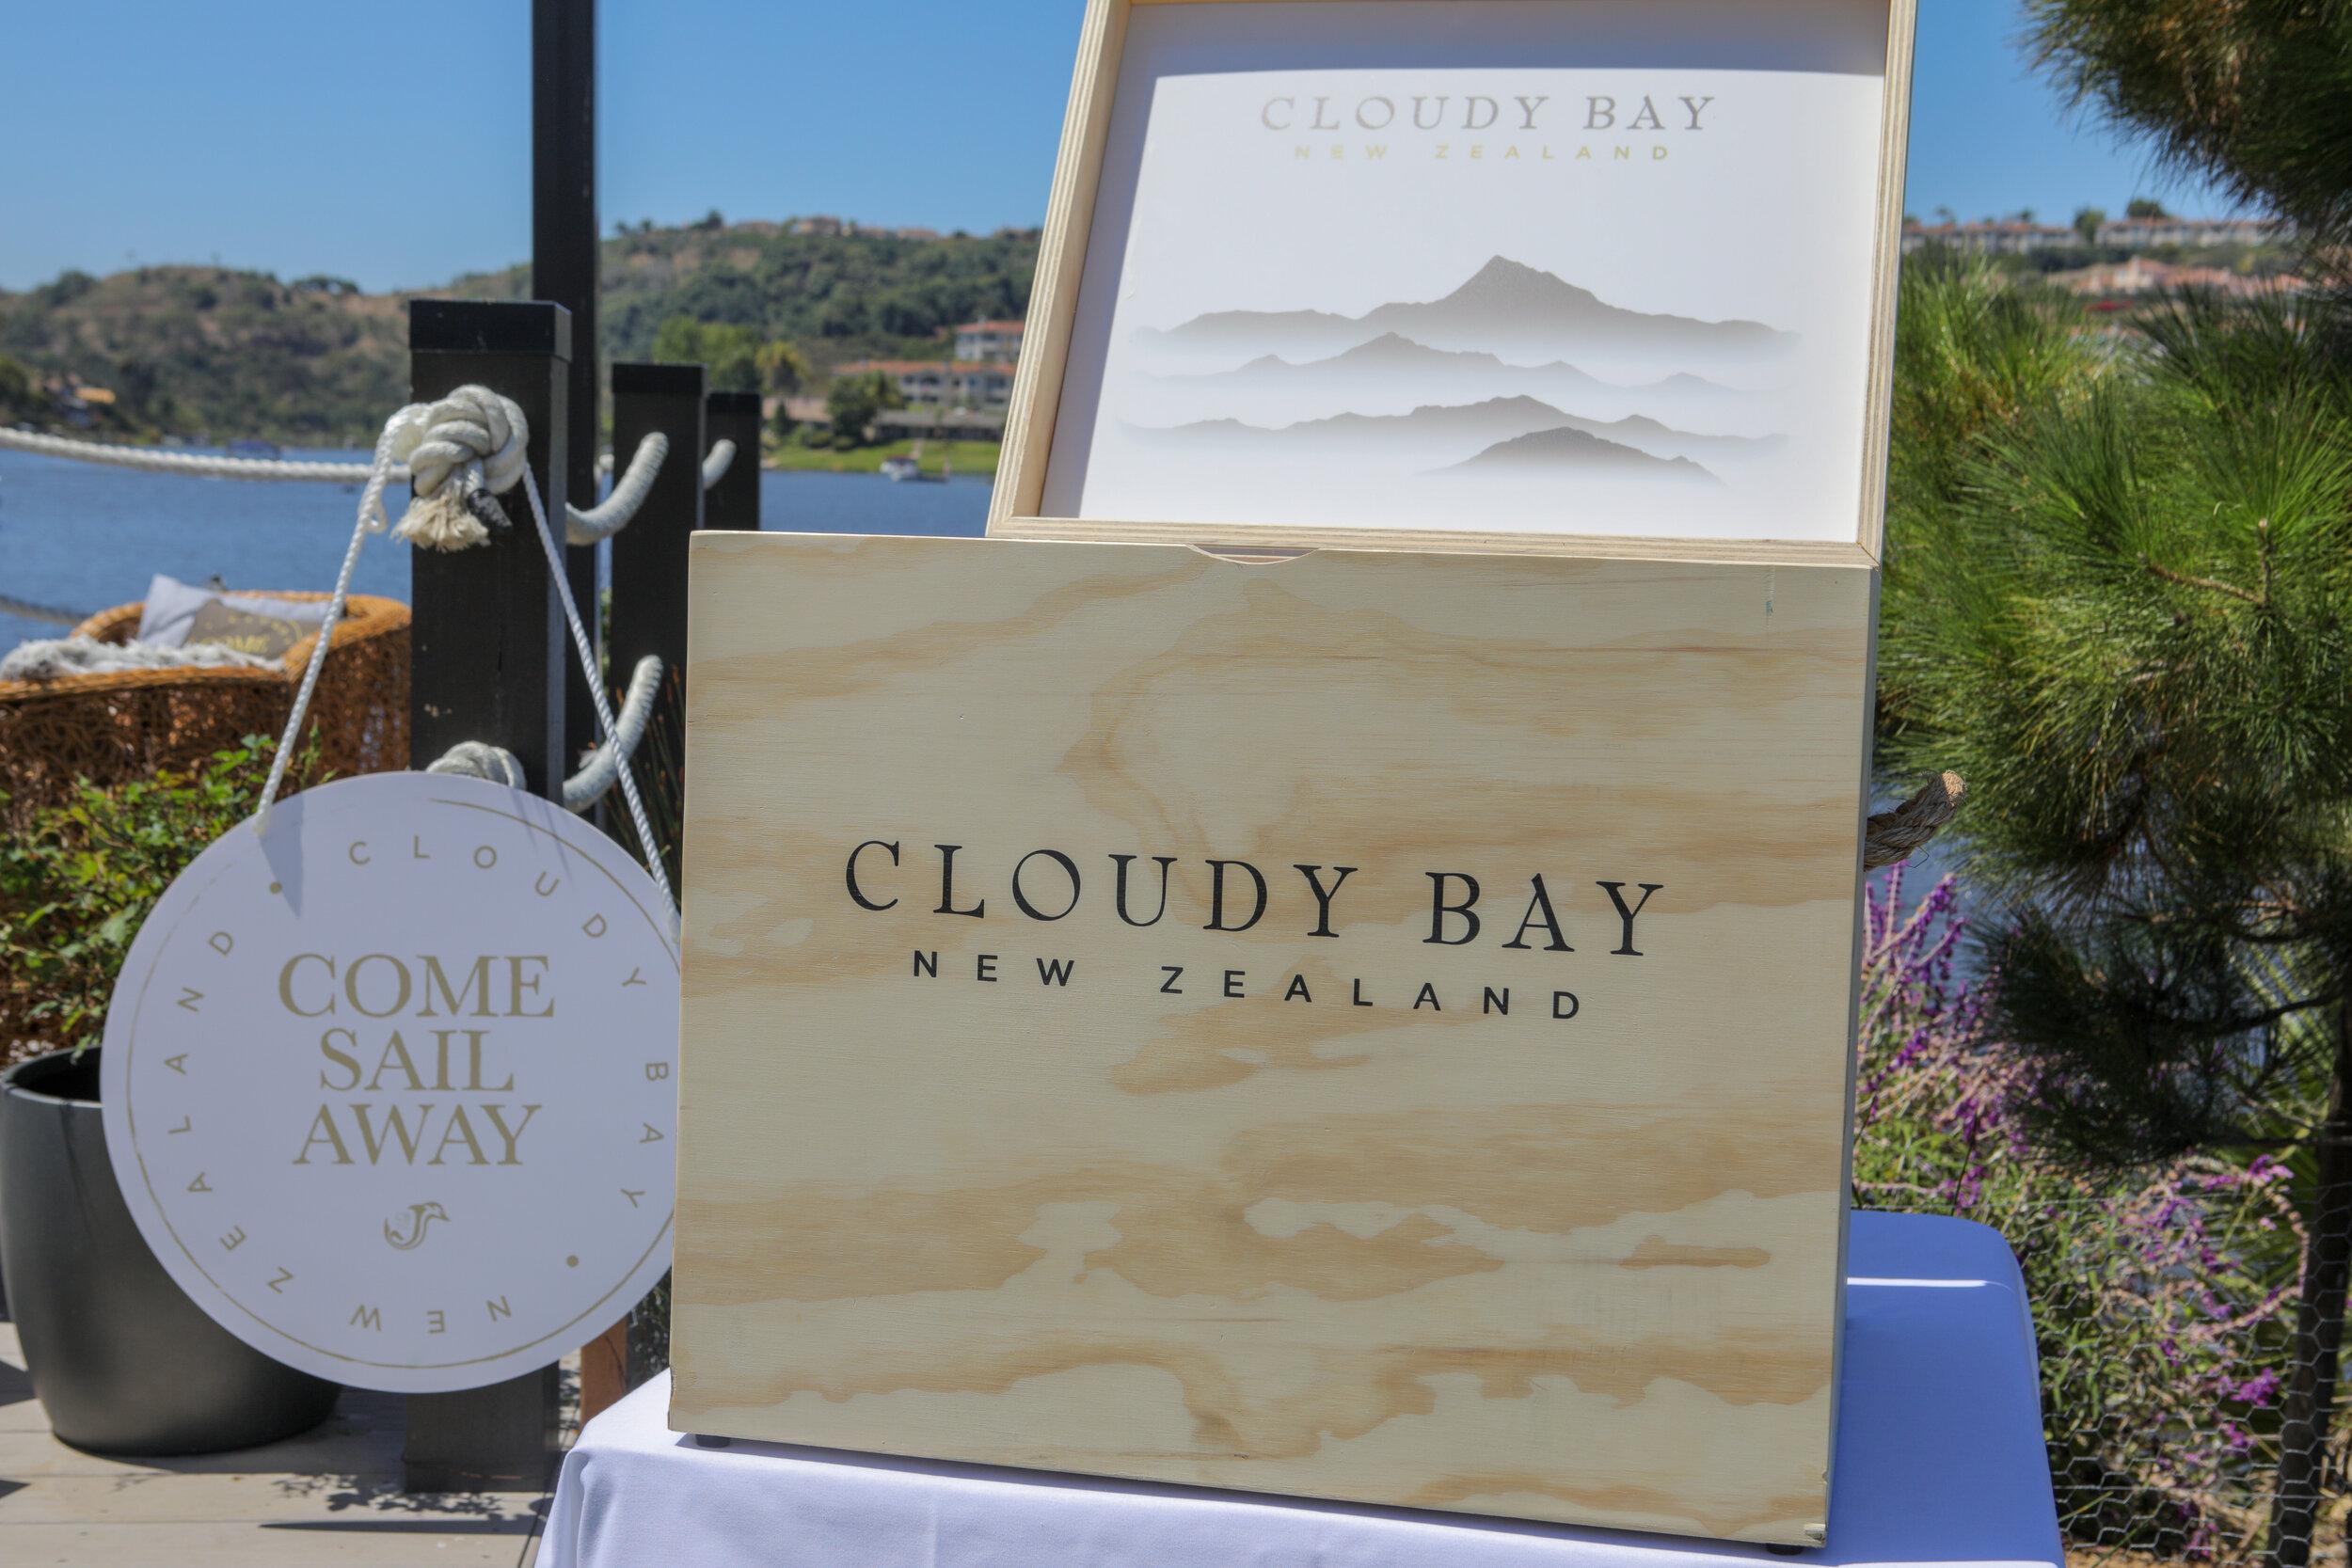 CloudyBay_002.jpg